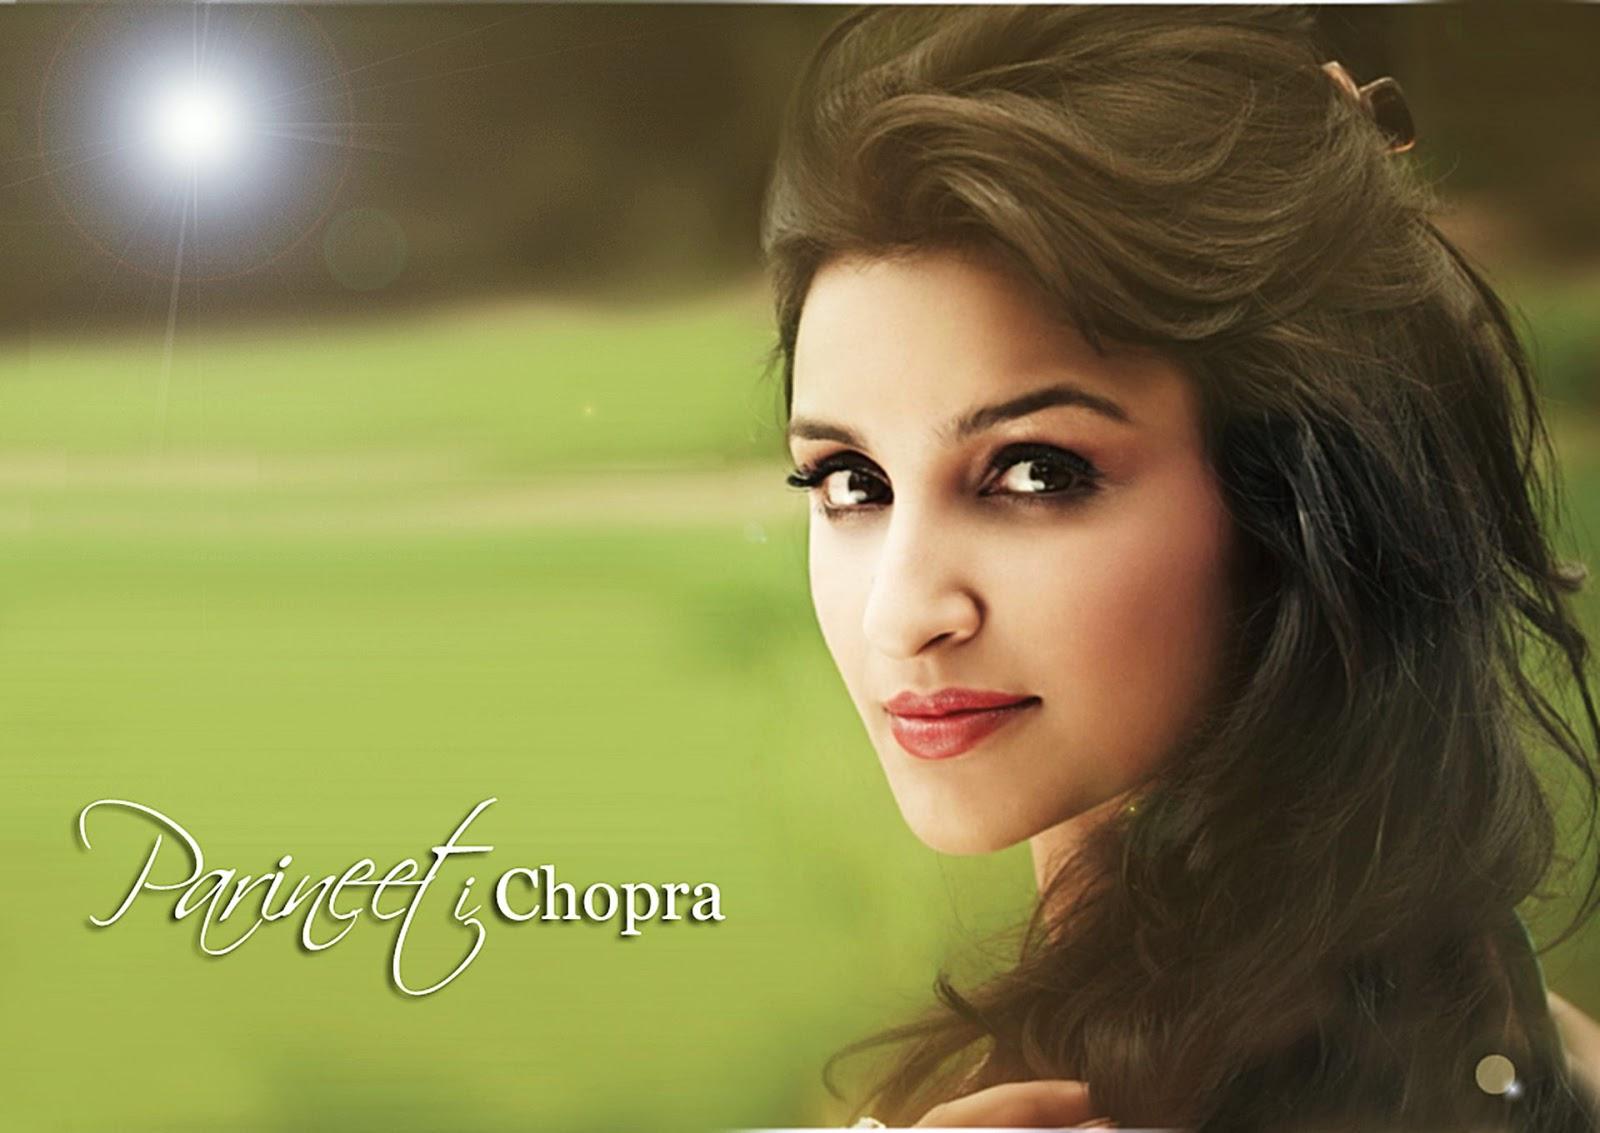 parineeti chopra beautiful face wallpapers